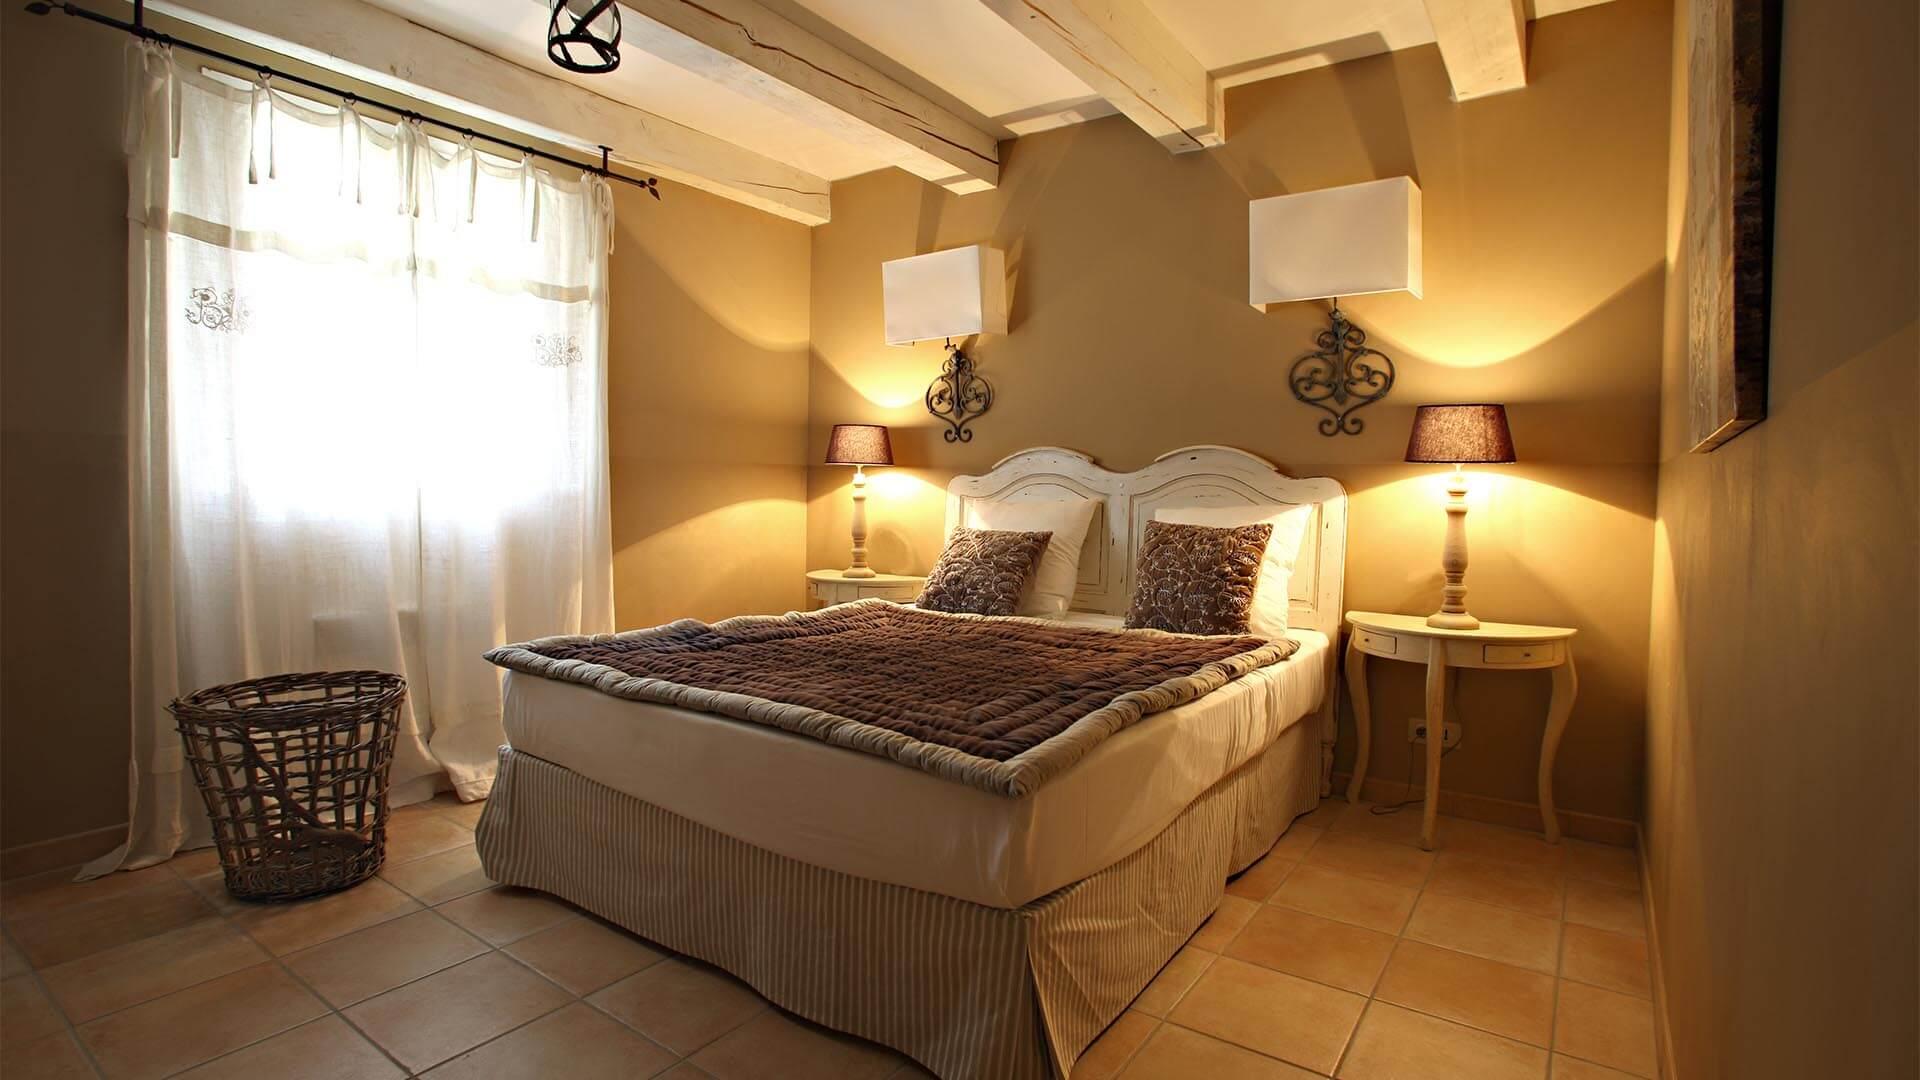 Location maison de vacances Alpes de Haute-Provence | Villa sous la tonnelle | Chambre double raffinée